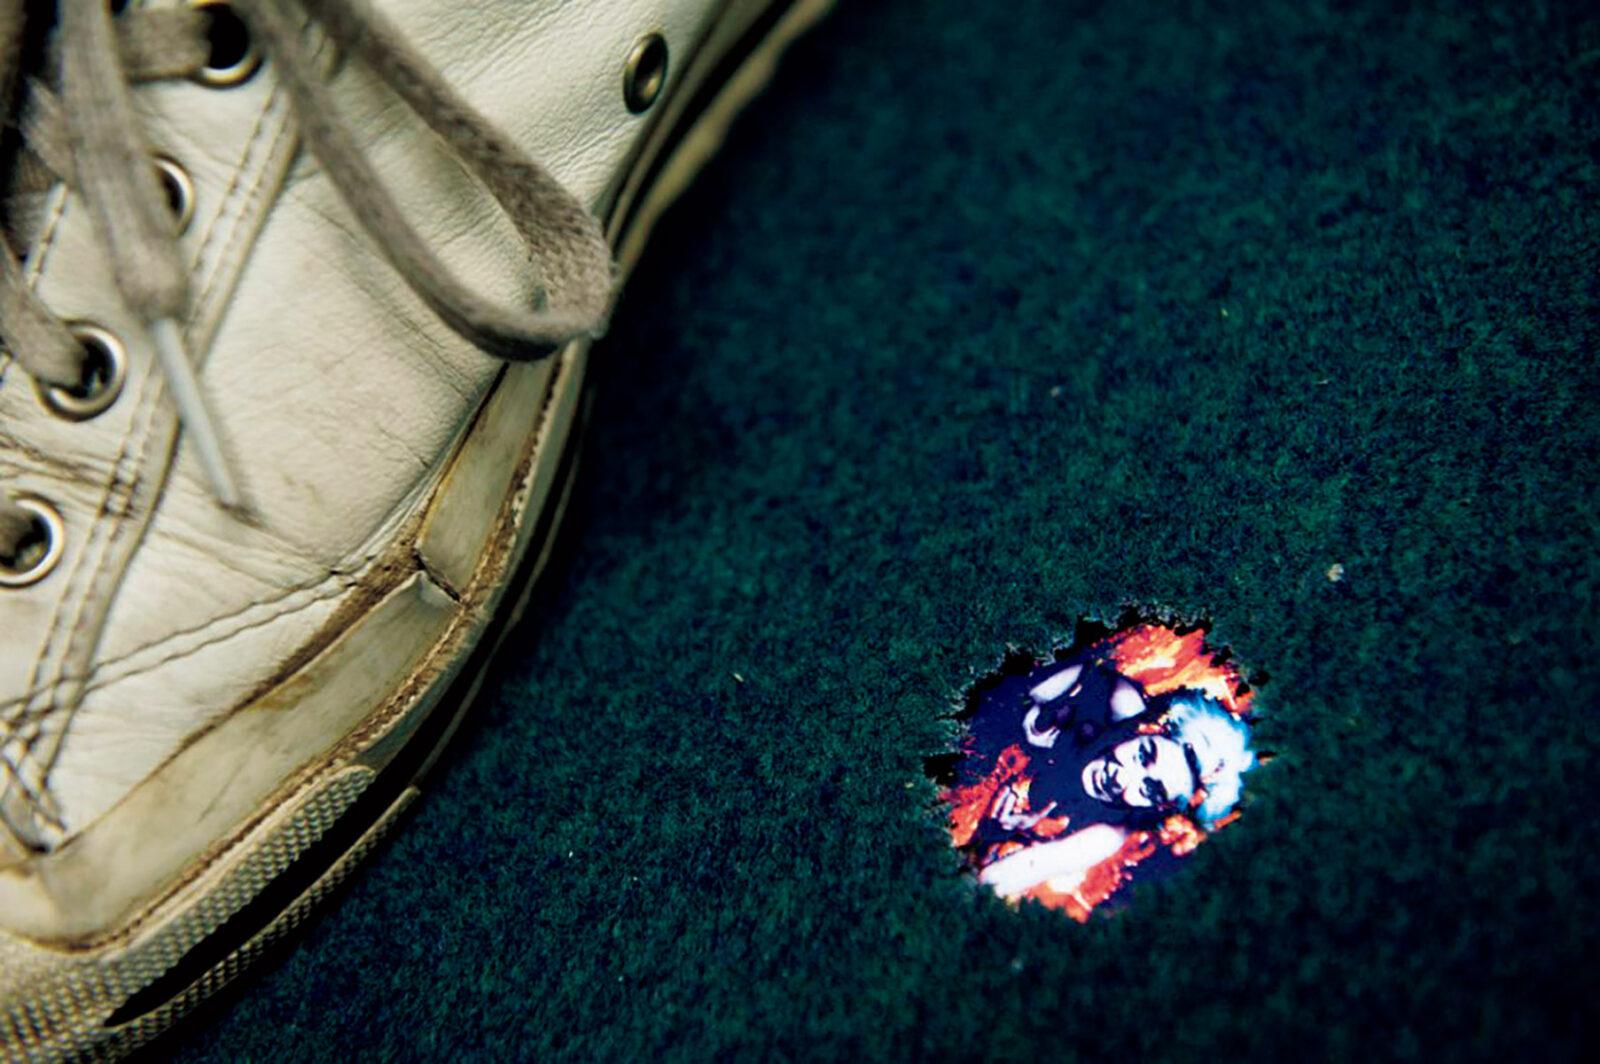 《溶岩の坩堝でわれを忘れて》1994年  1997年からMoMA PS−1で継続的に公開されている初期短編ビデオ作品の一つ。画面にはリスト自身が映り、両手を伸ばして助けを求めている。作品を見るために、床に開いた小さな穴を覗き込む必要がある。  ヘイワードギャラリーでの展示風景 Photo: Linda Nylind